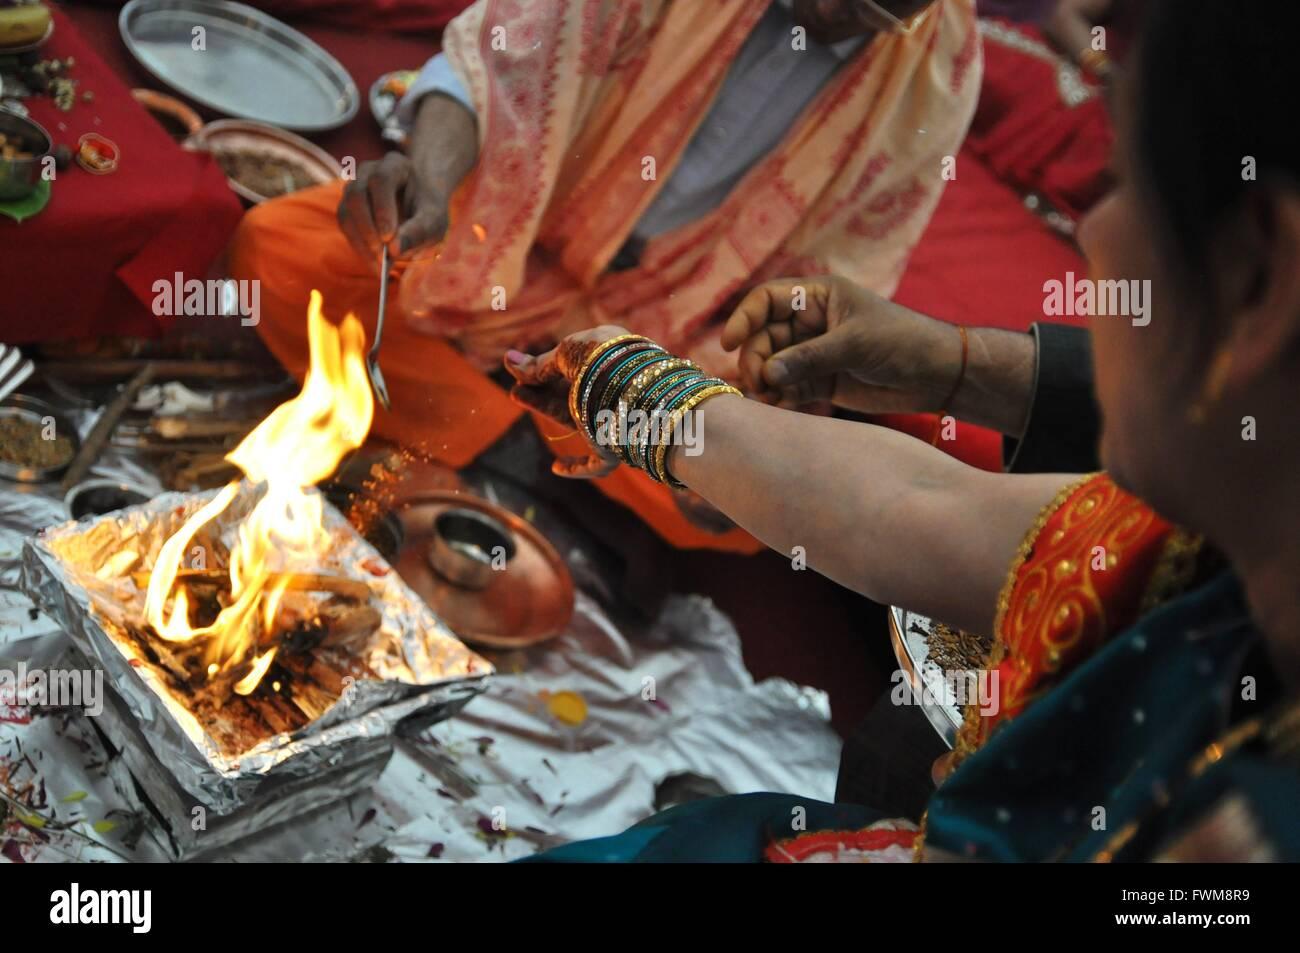 Braut Und Brautigam Rituale Bei Hochzeit Stockfoto Bild 101864205